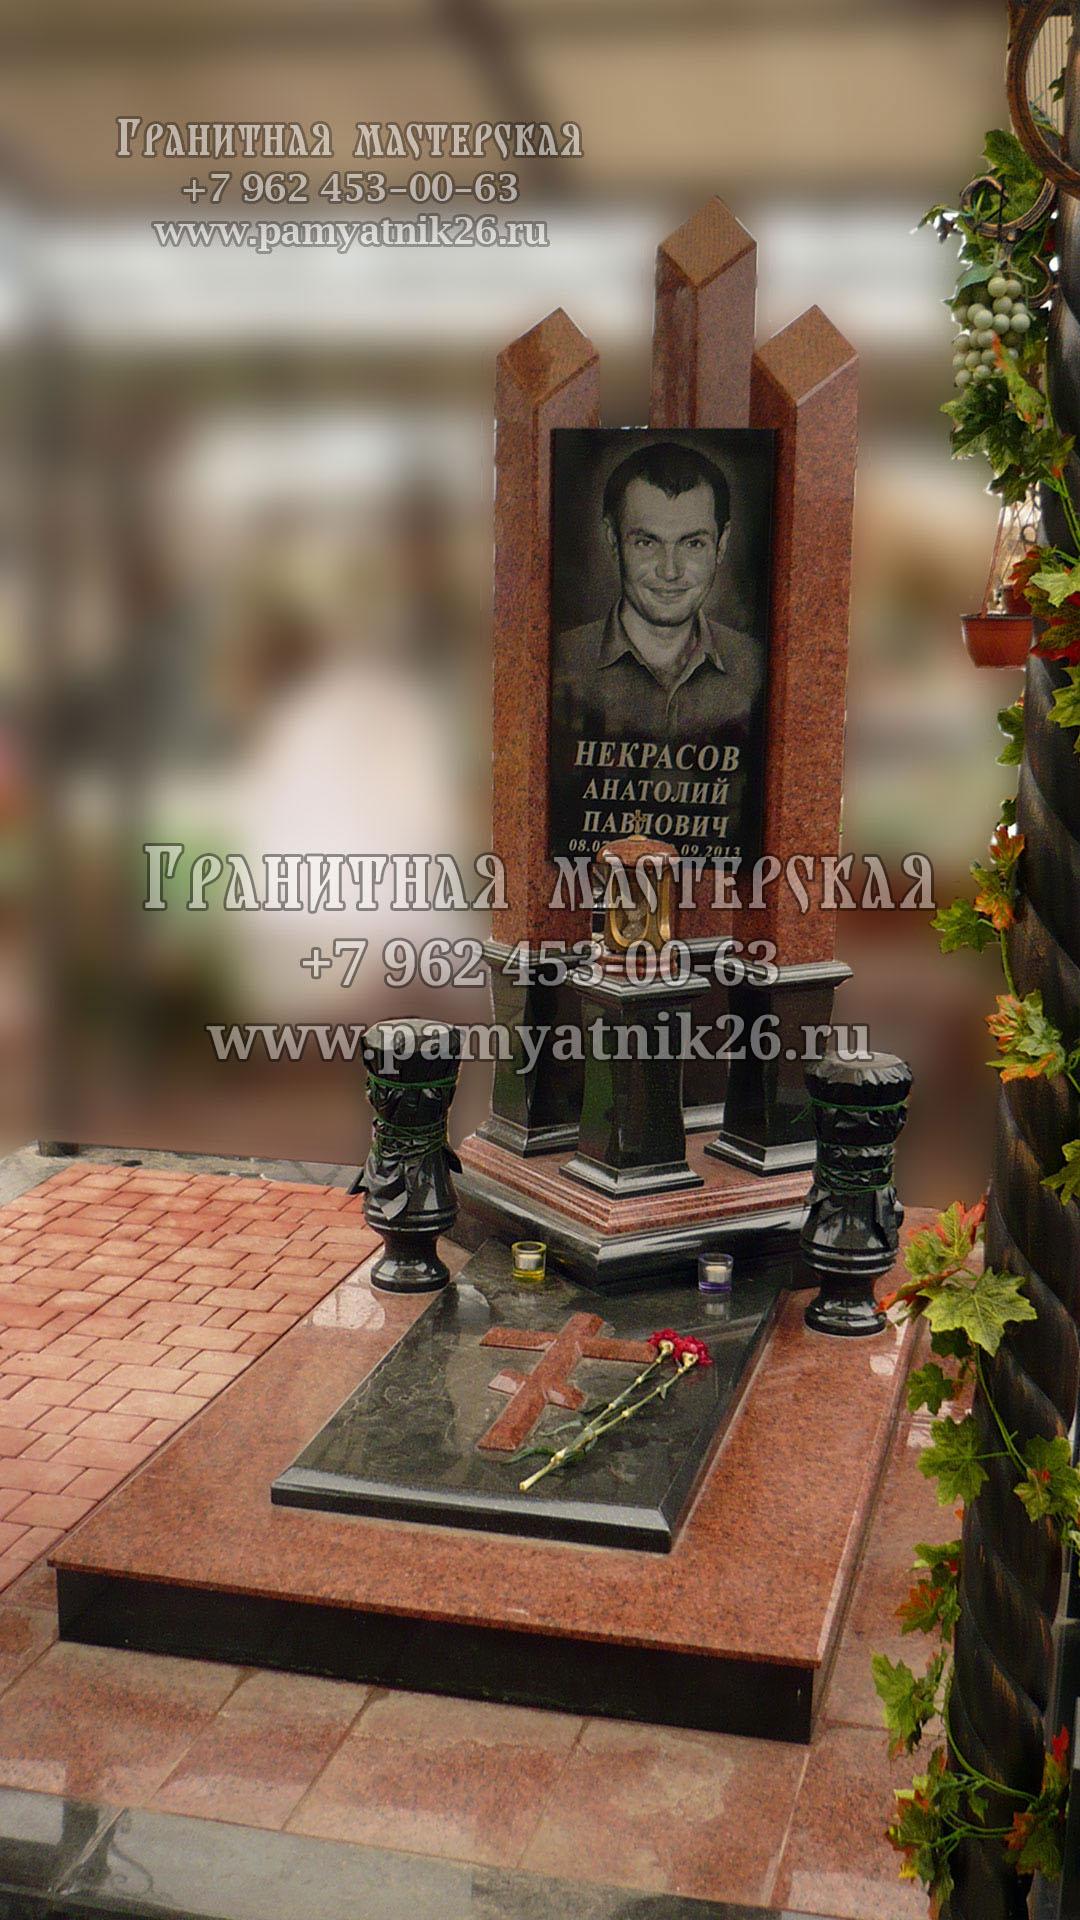 Памятники в ставрополе цена в цвет купить памятники курск официальный сайт